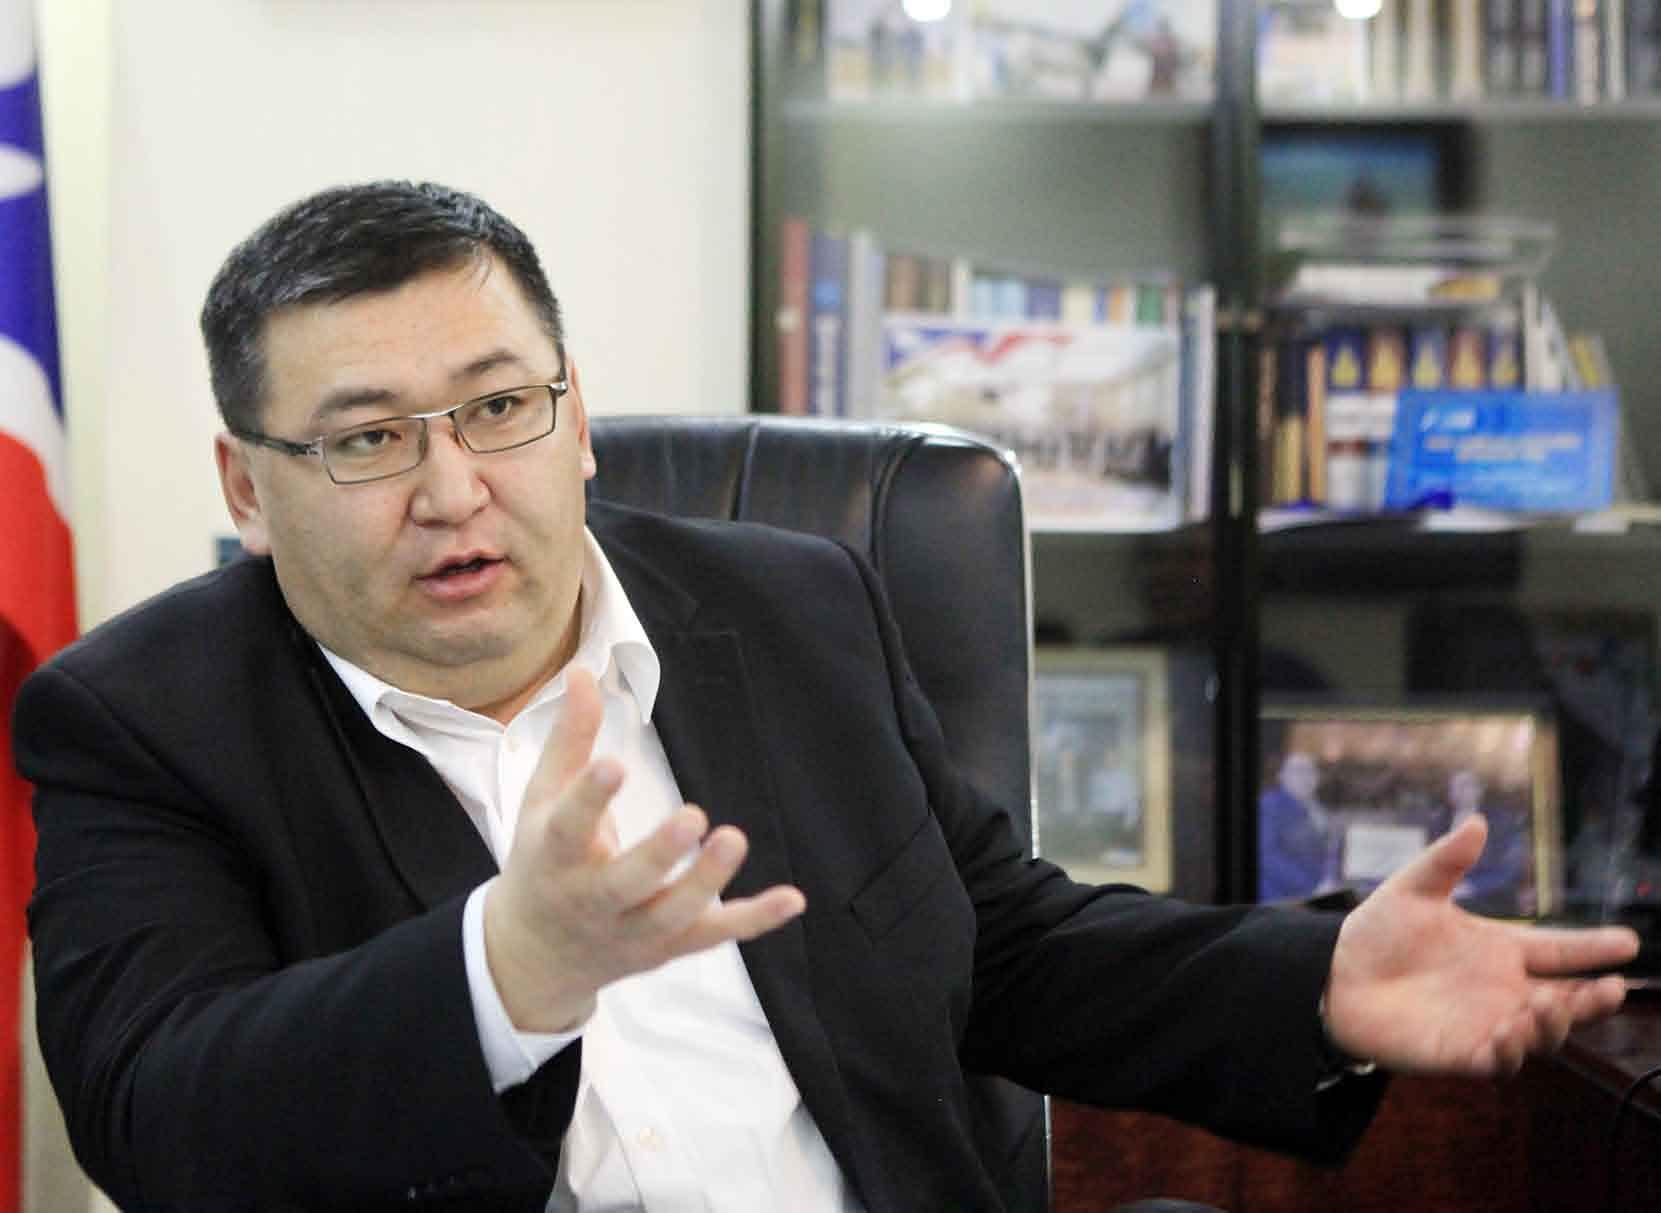 Ц.Туваан: Засгийн газар гал унтраах маягтай ажиллаж байна